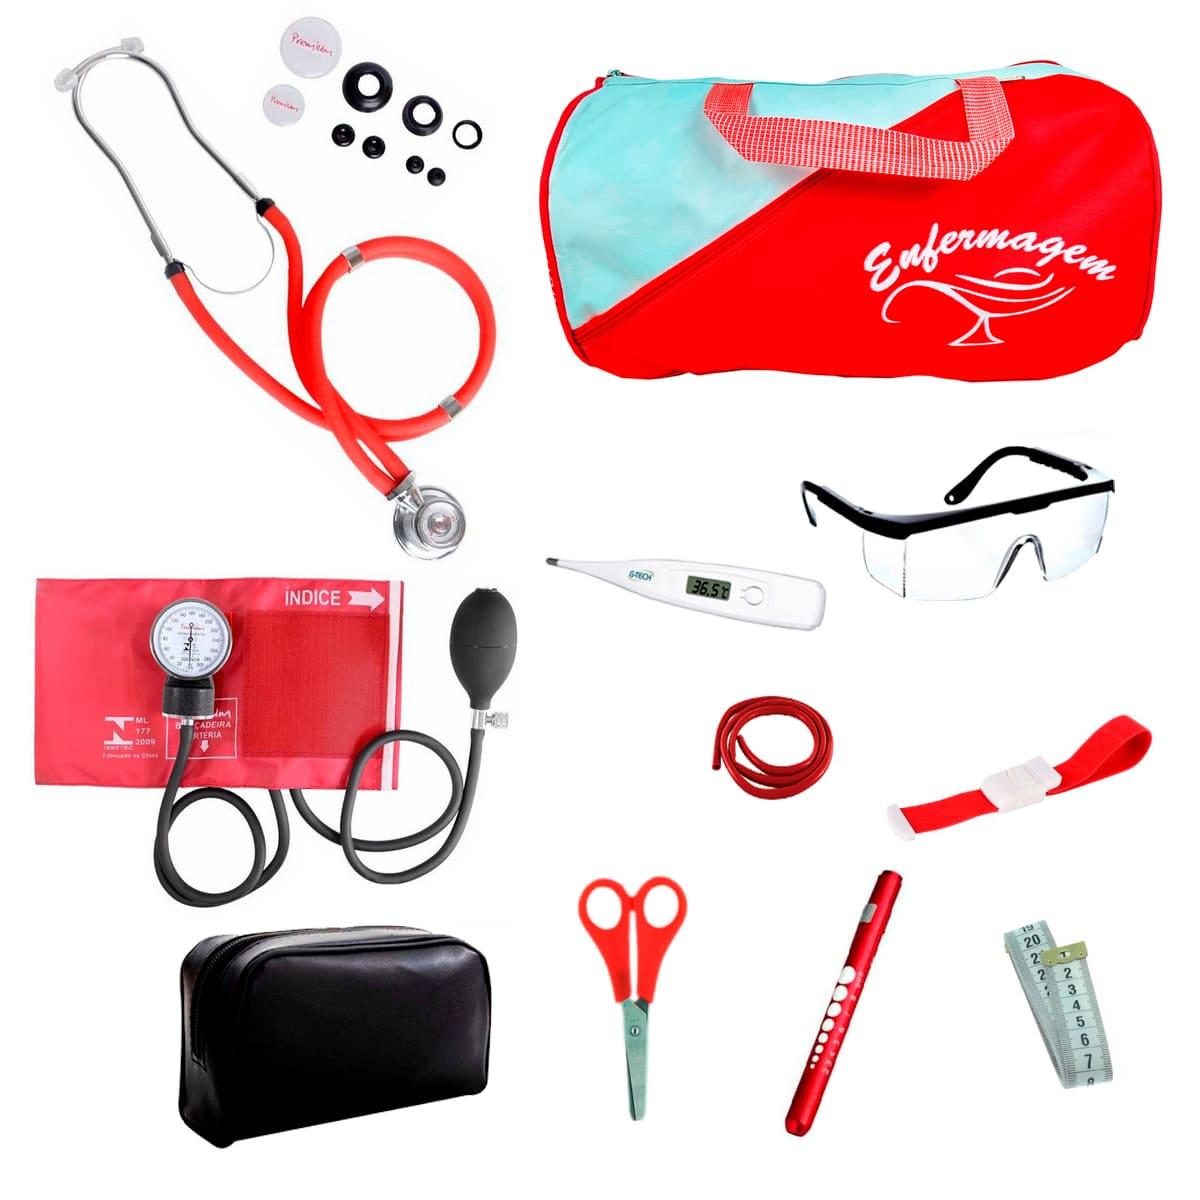 Kit Enfermagem mod.18 Aparelho de Pressão Premium Cor:Vermelho